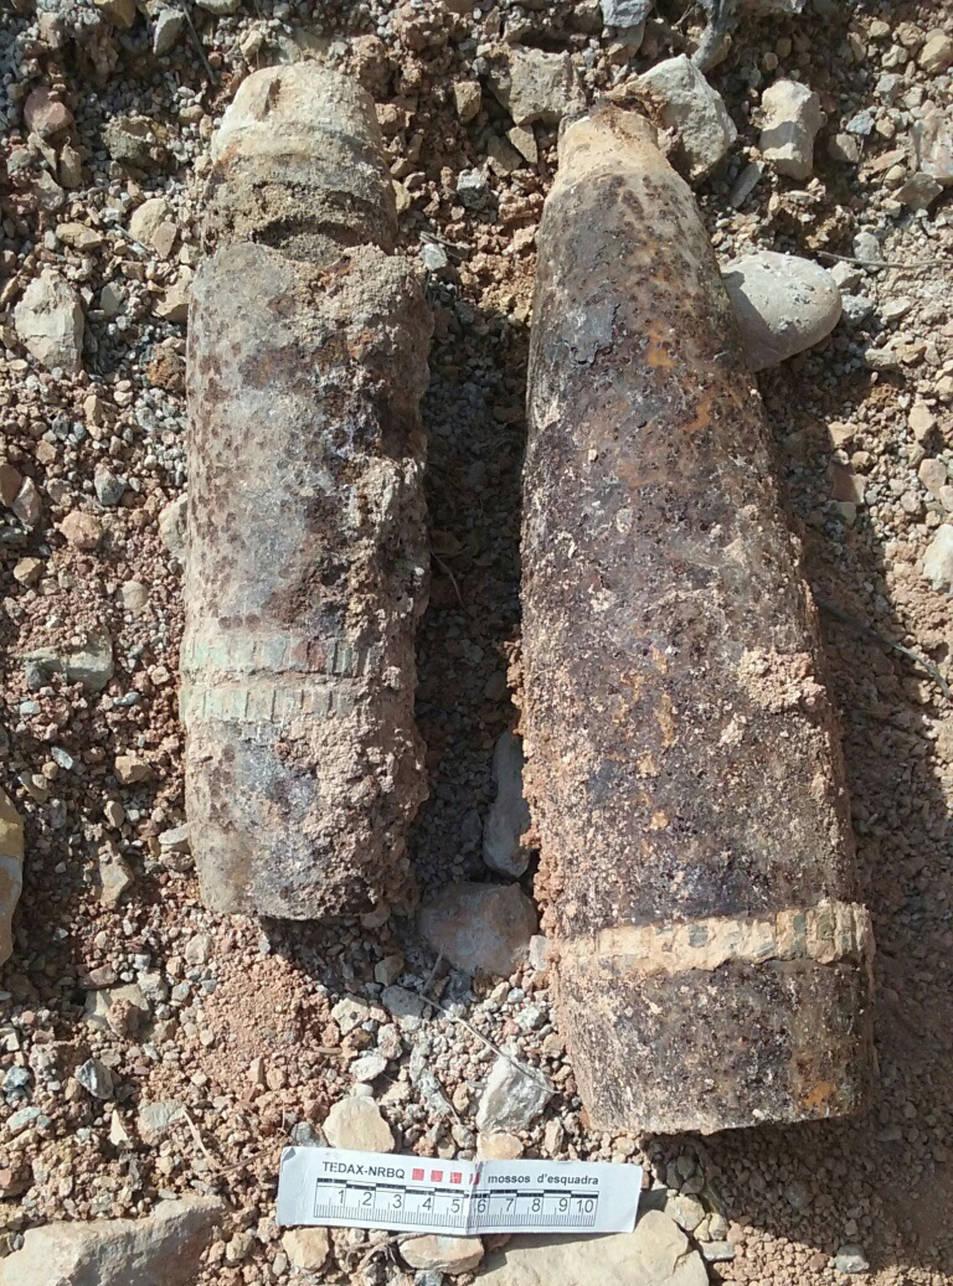 Imatge dels dos projectils d'artilleria de la Guerra Civil espanyola trobats prop del castell d'Ascó